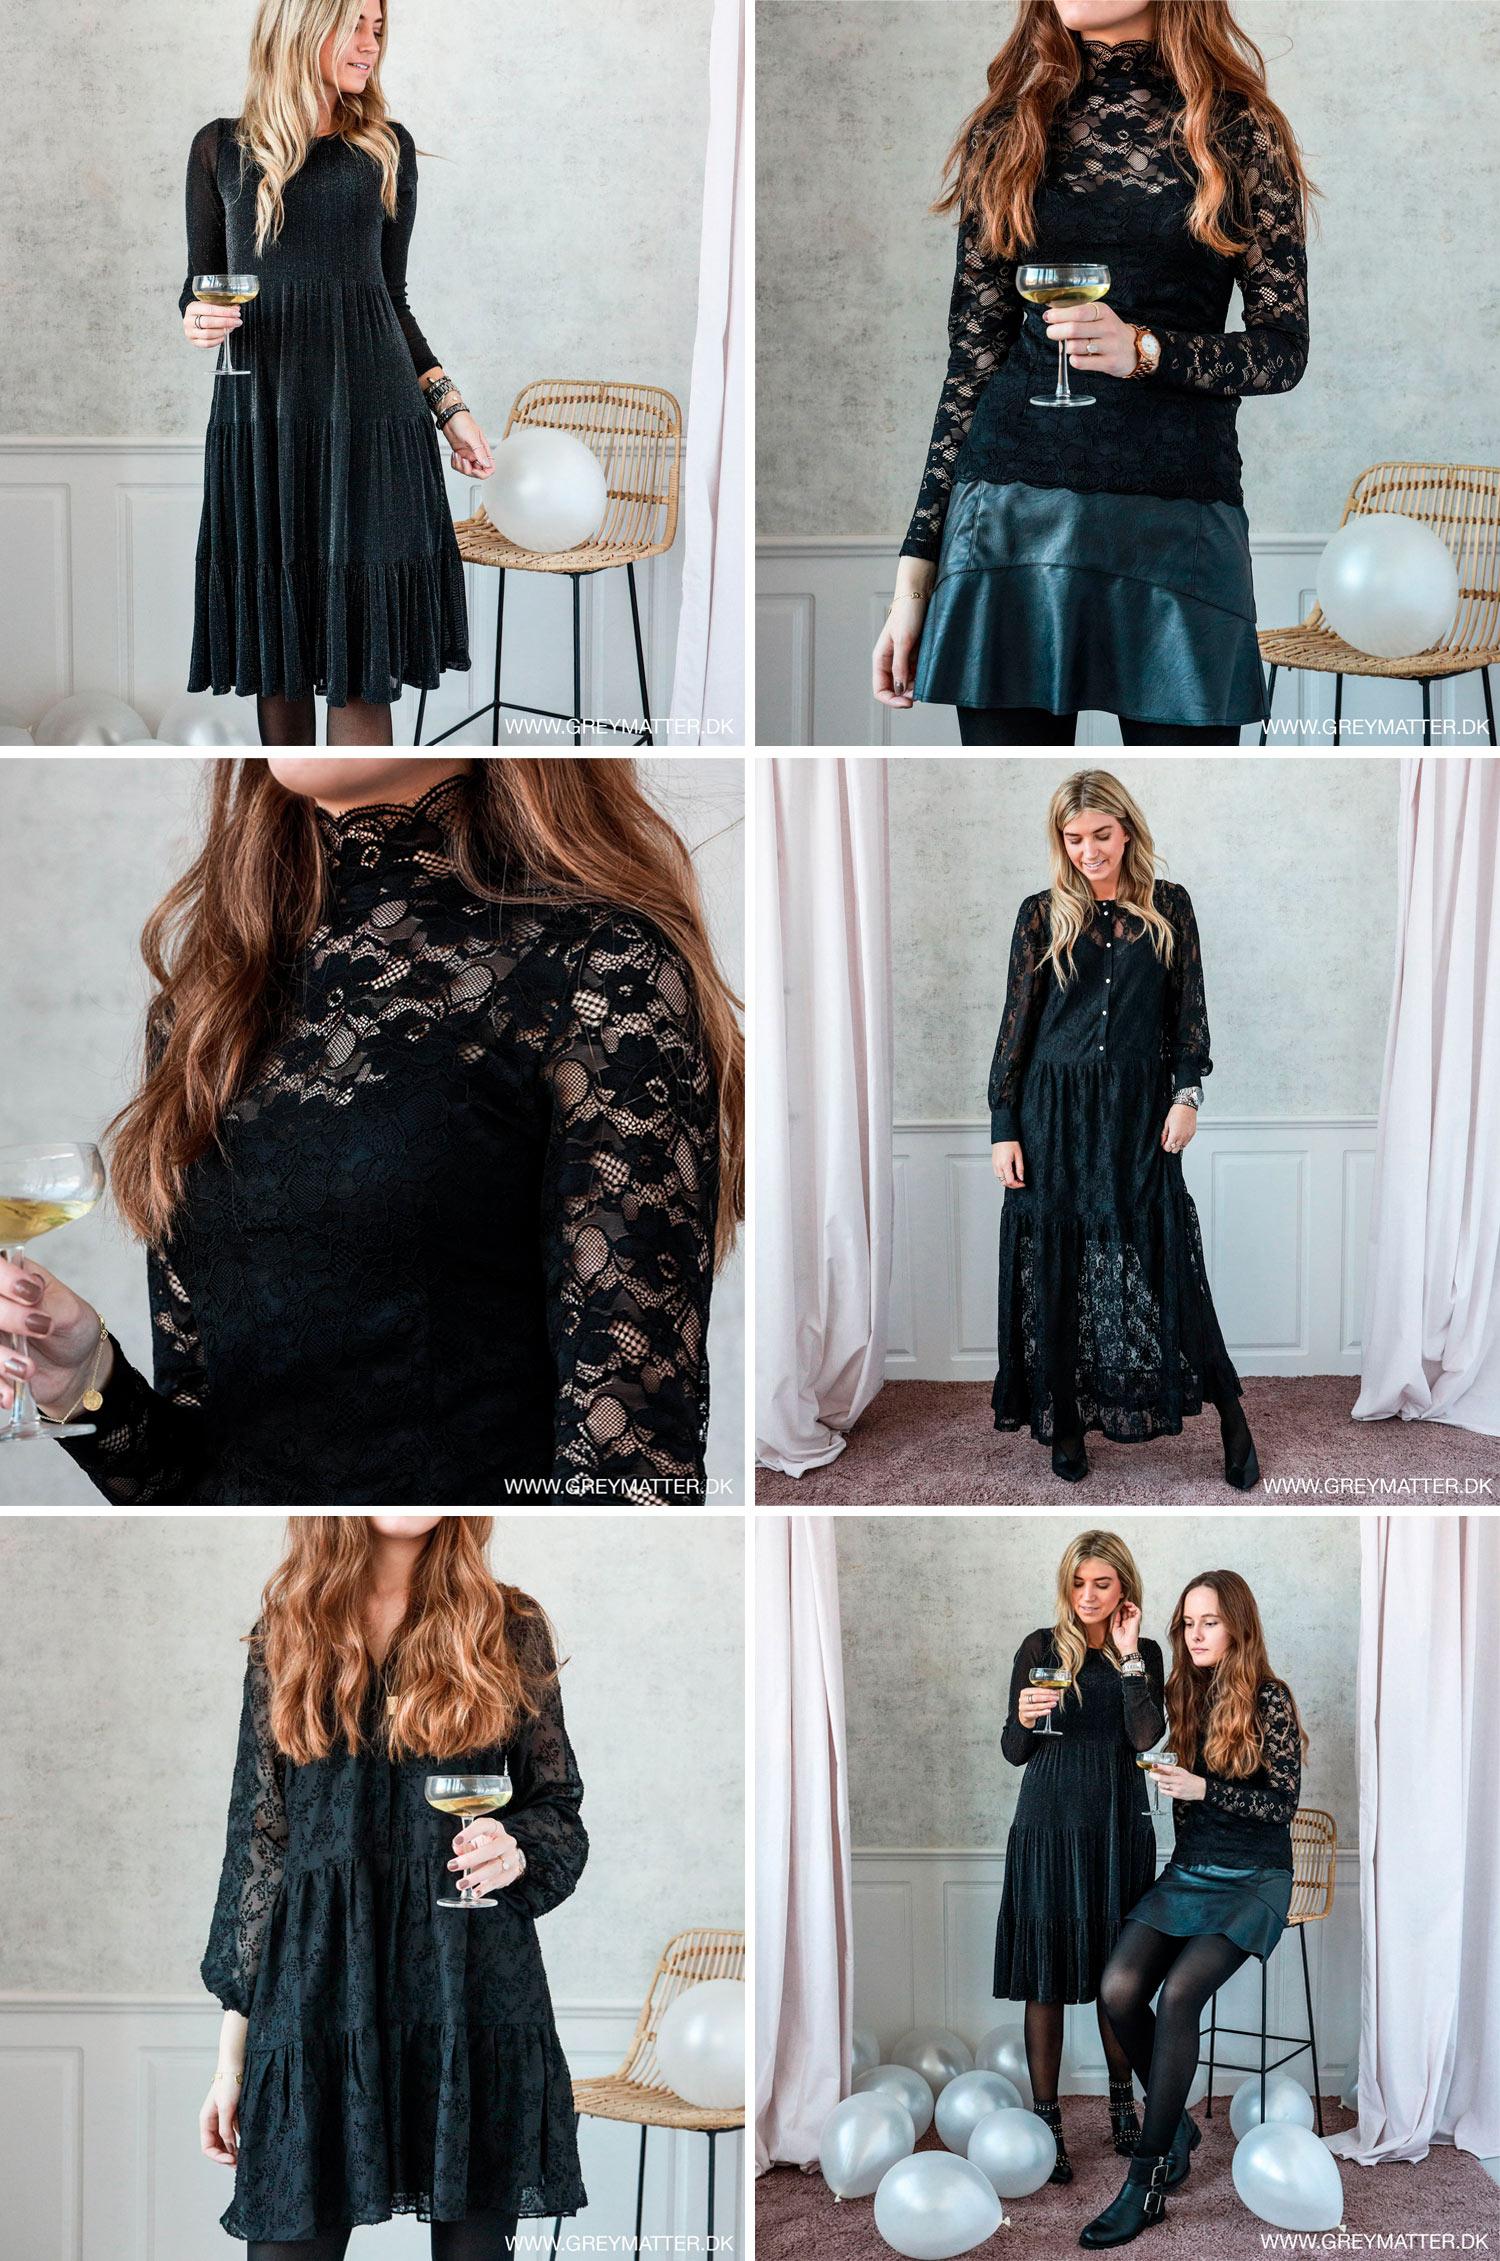 nytaars-kjoler-sorte-festkjoler.jpg